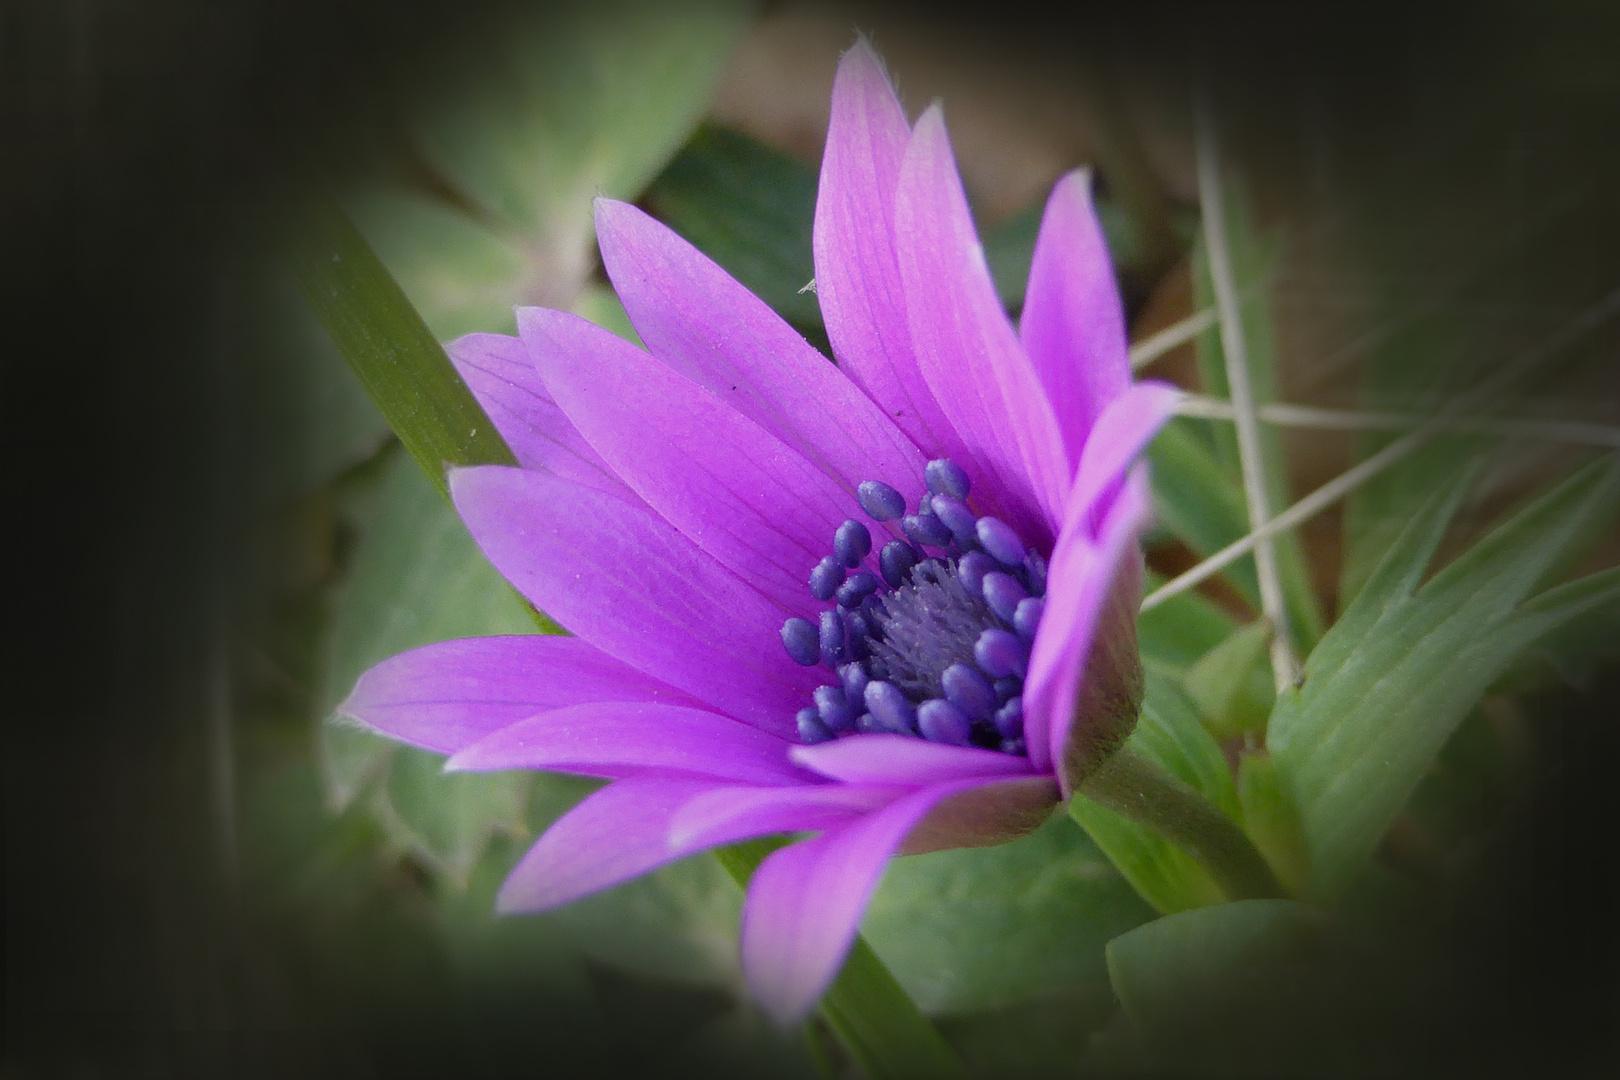 ...fiore di campo...